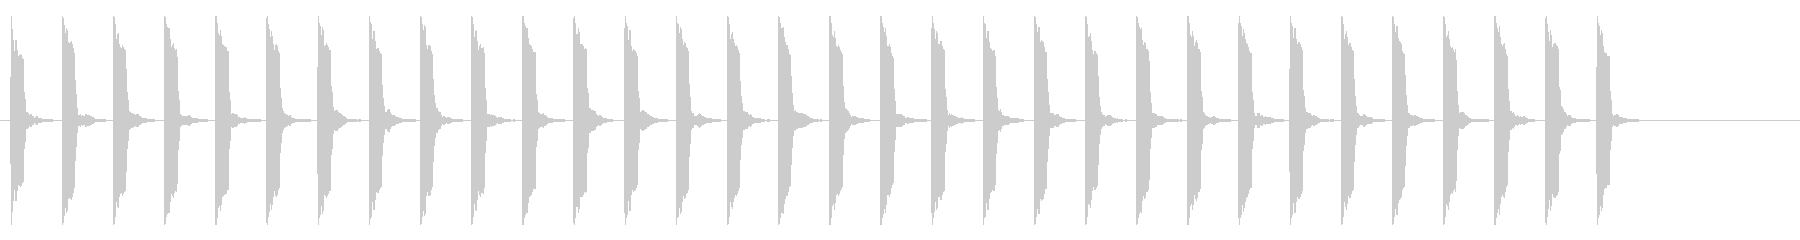 心電図の音-4-9(BPM120)の未再生の波形